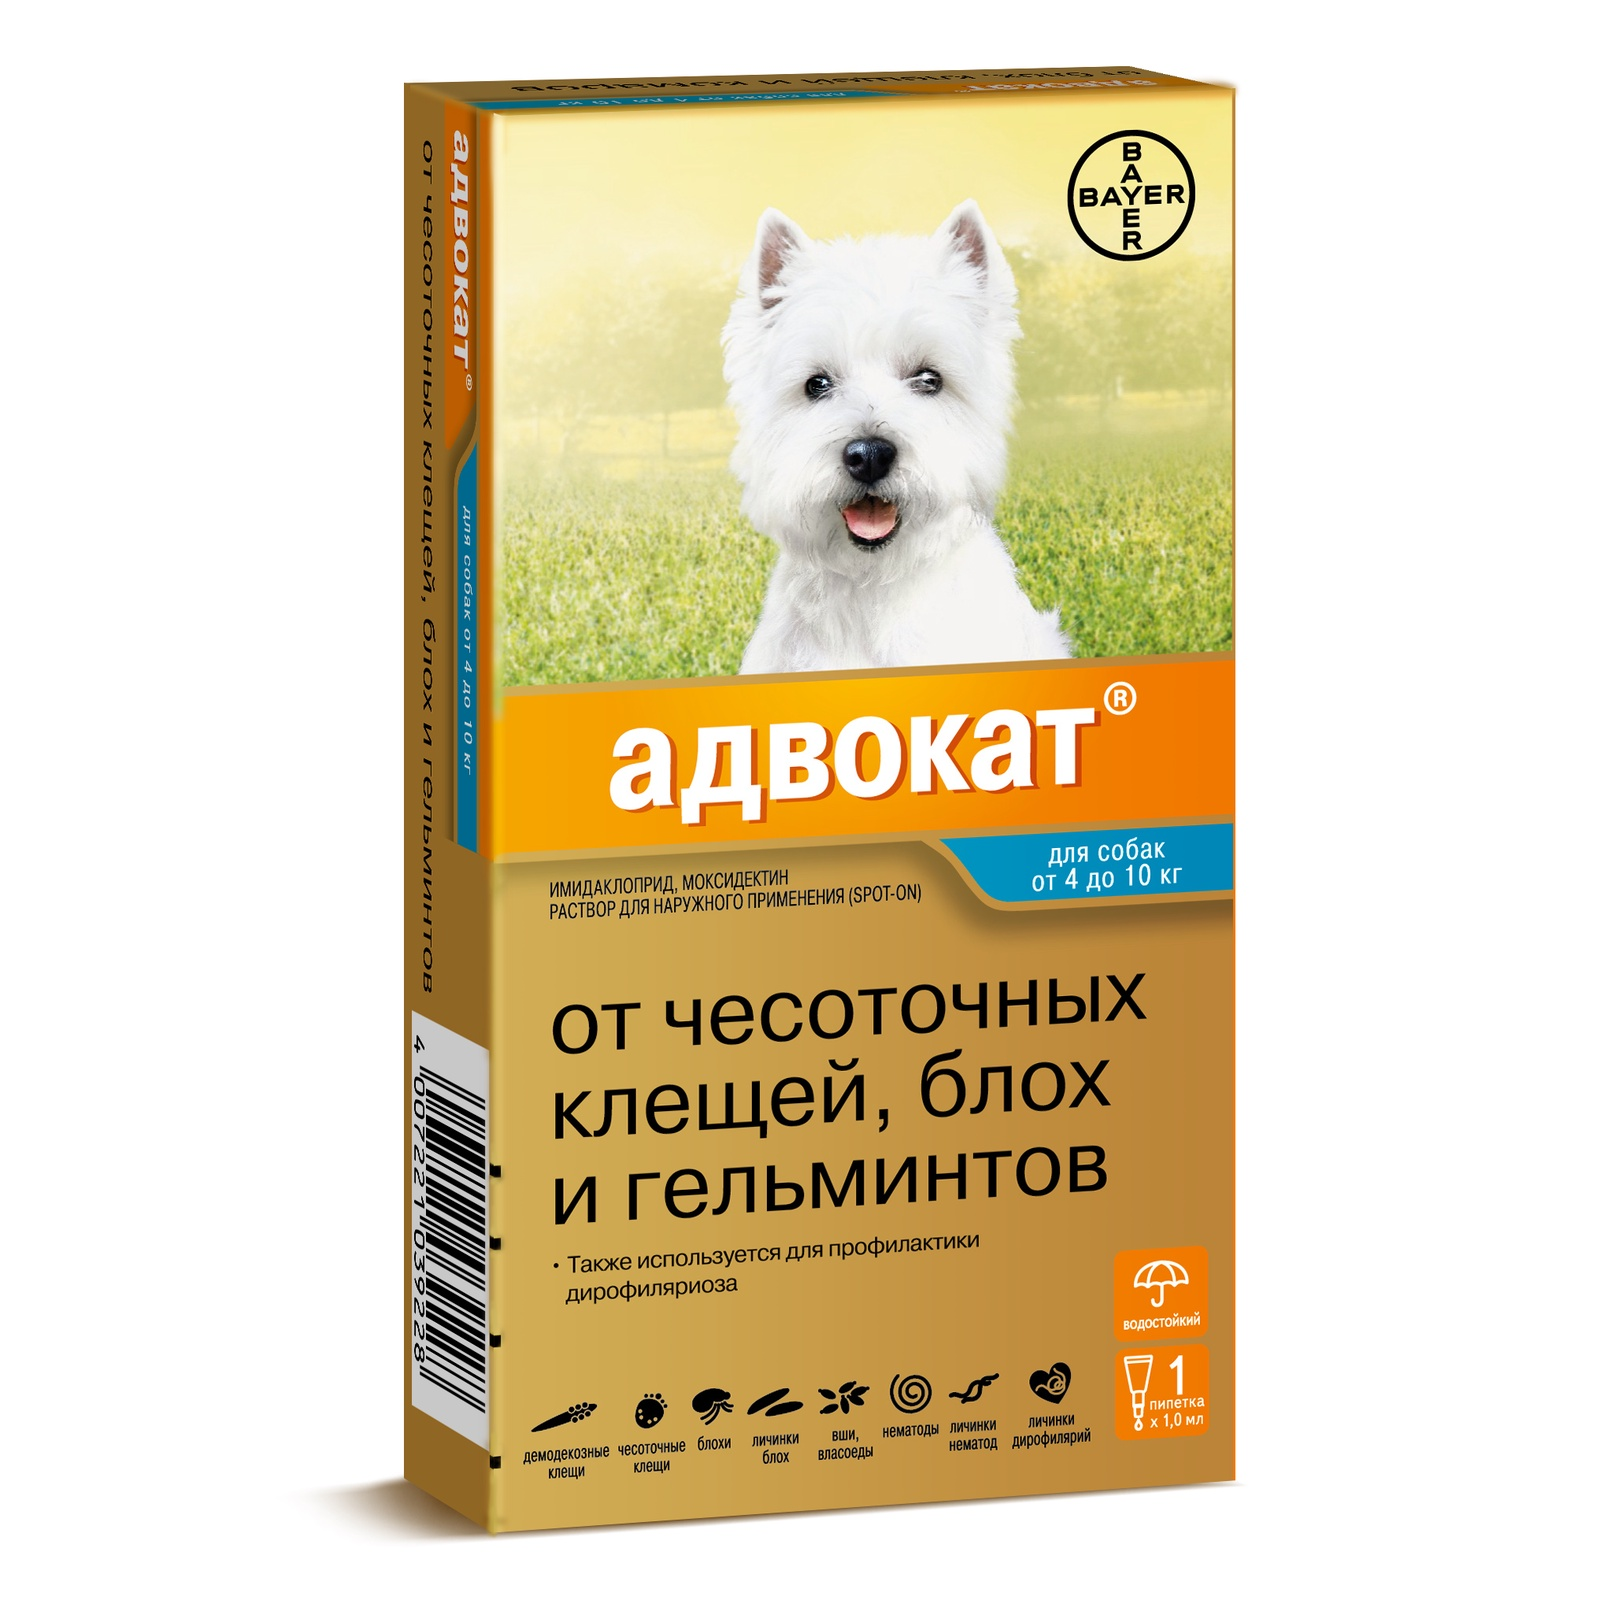 Bayer Golden LineАдвокат 100 для щенков и собак от клещей,блох,глистов (массой от 4кг до 10 кг) (1 пипетка) Bayer